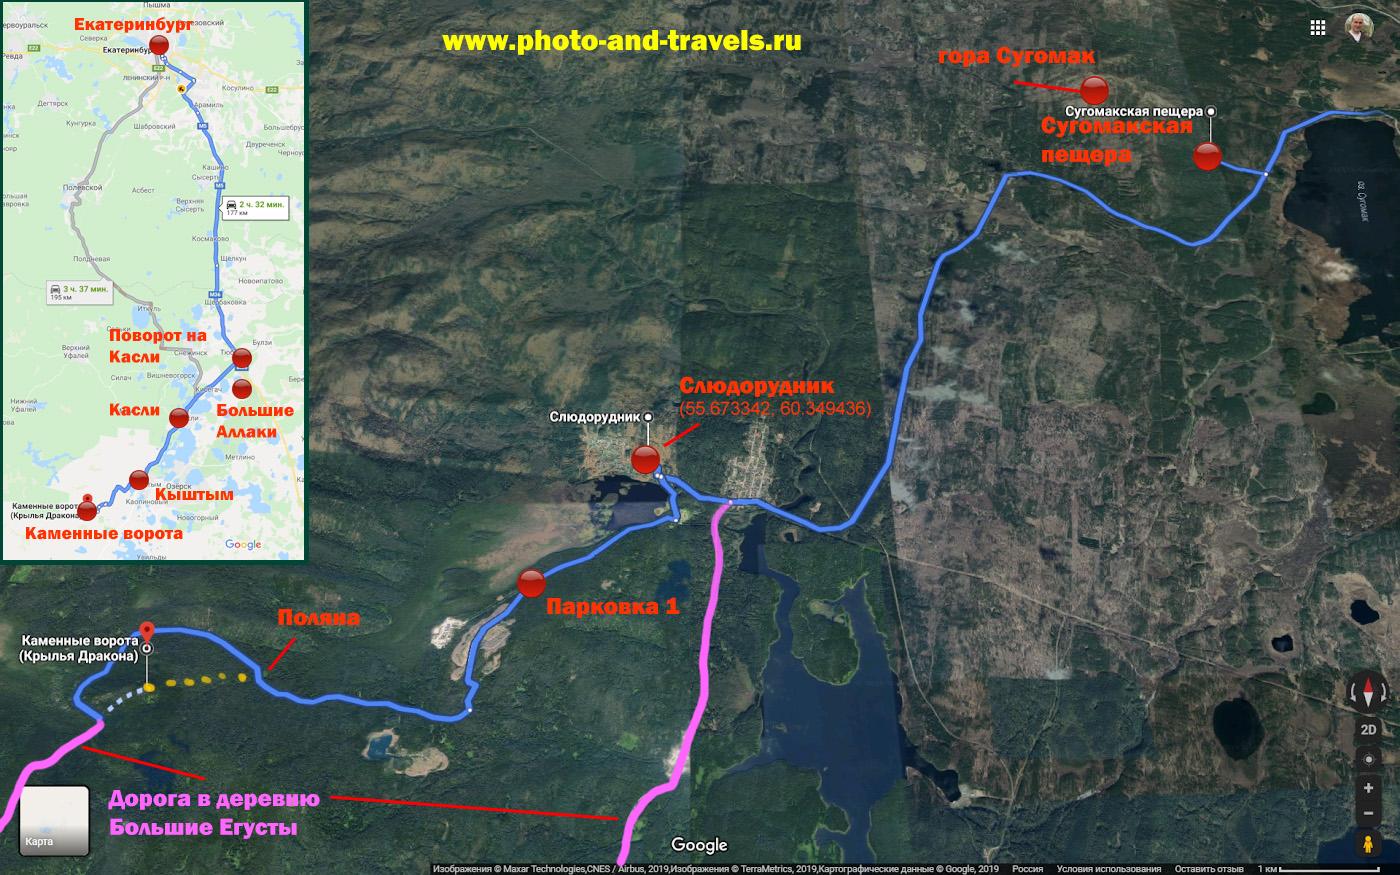 2. Карта, поясняющая, как доехать до горы со скалой Крылья дракона (Каменные ворота) из Челябинска или из Екатеринбурга.